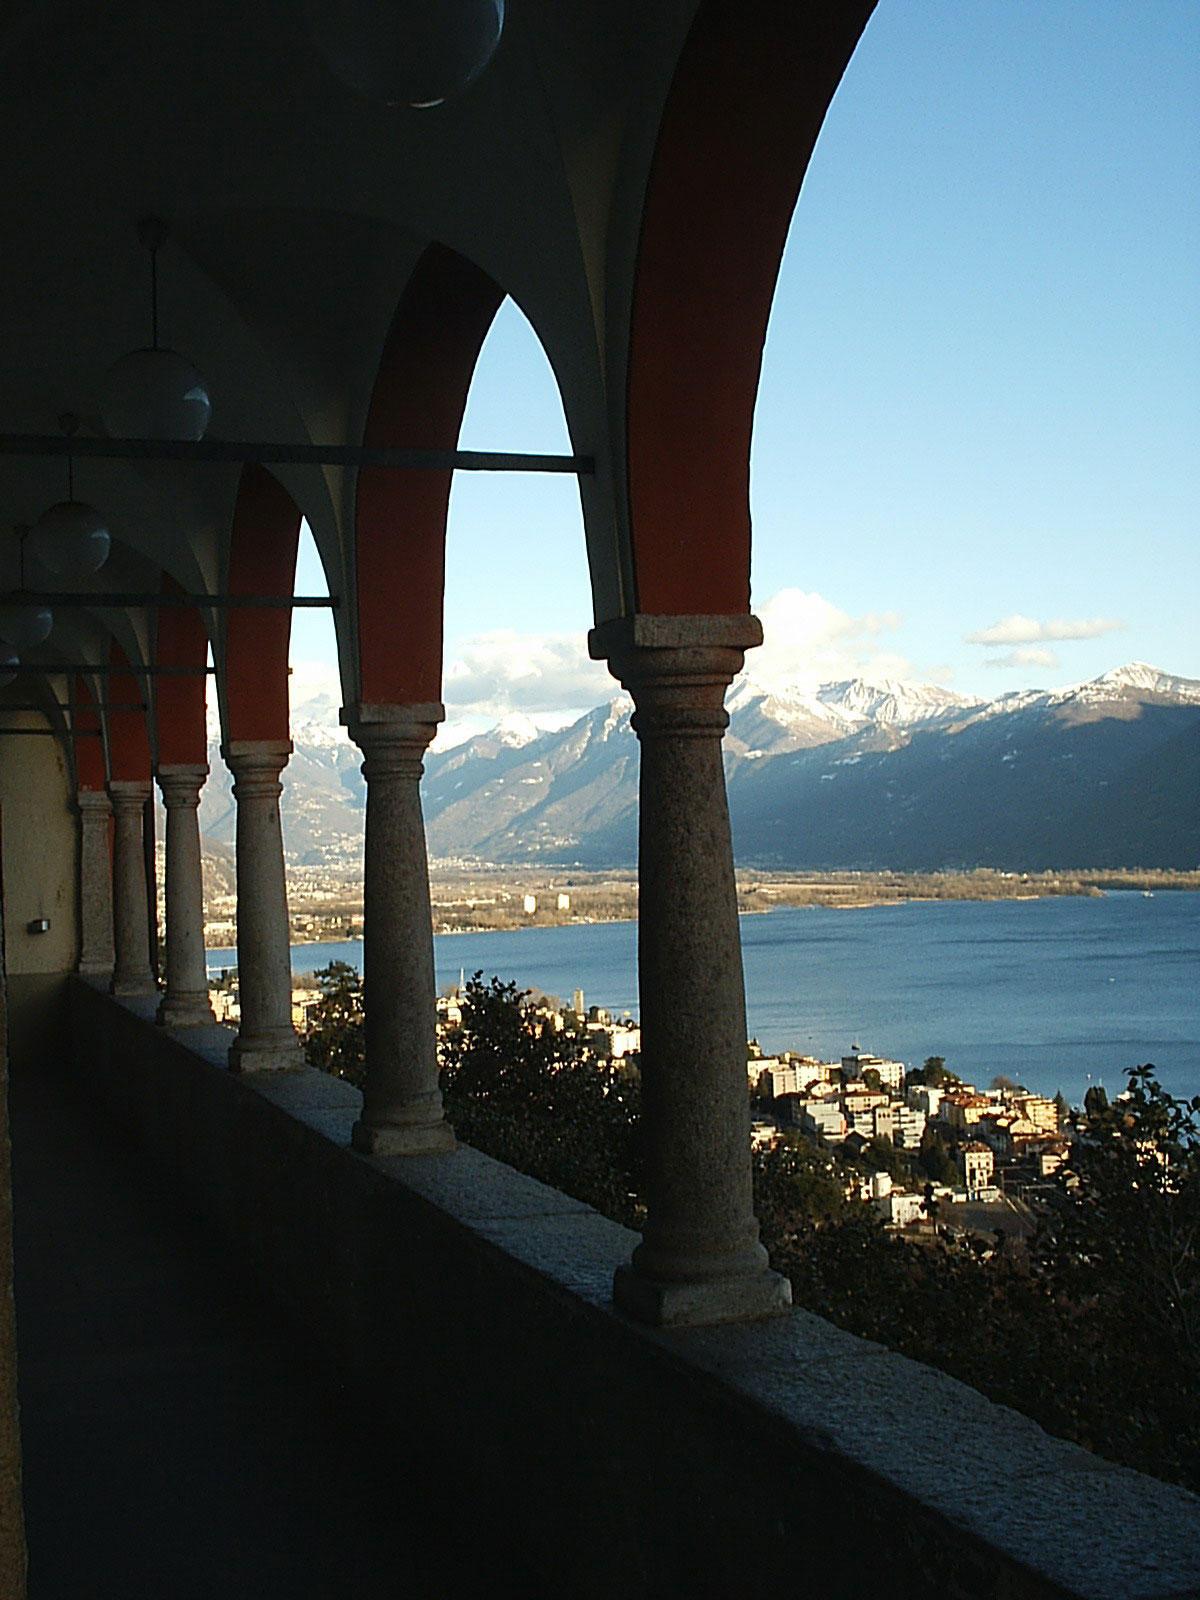 Balcony II by sun-stock